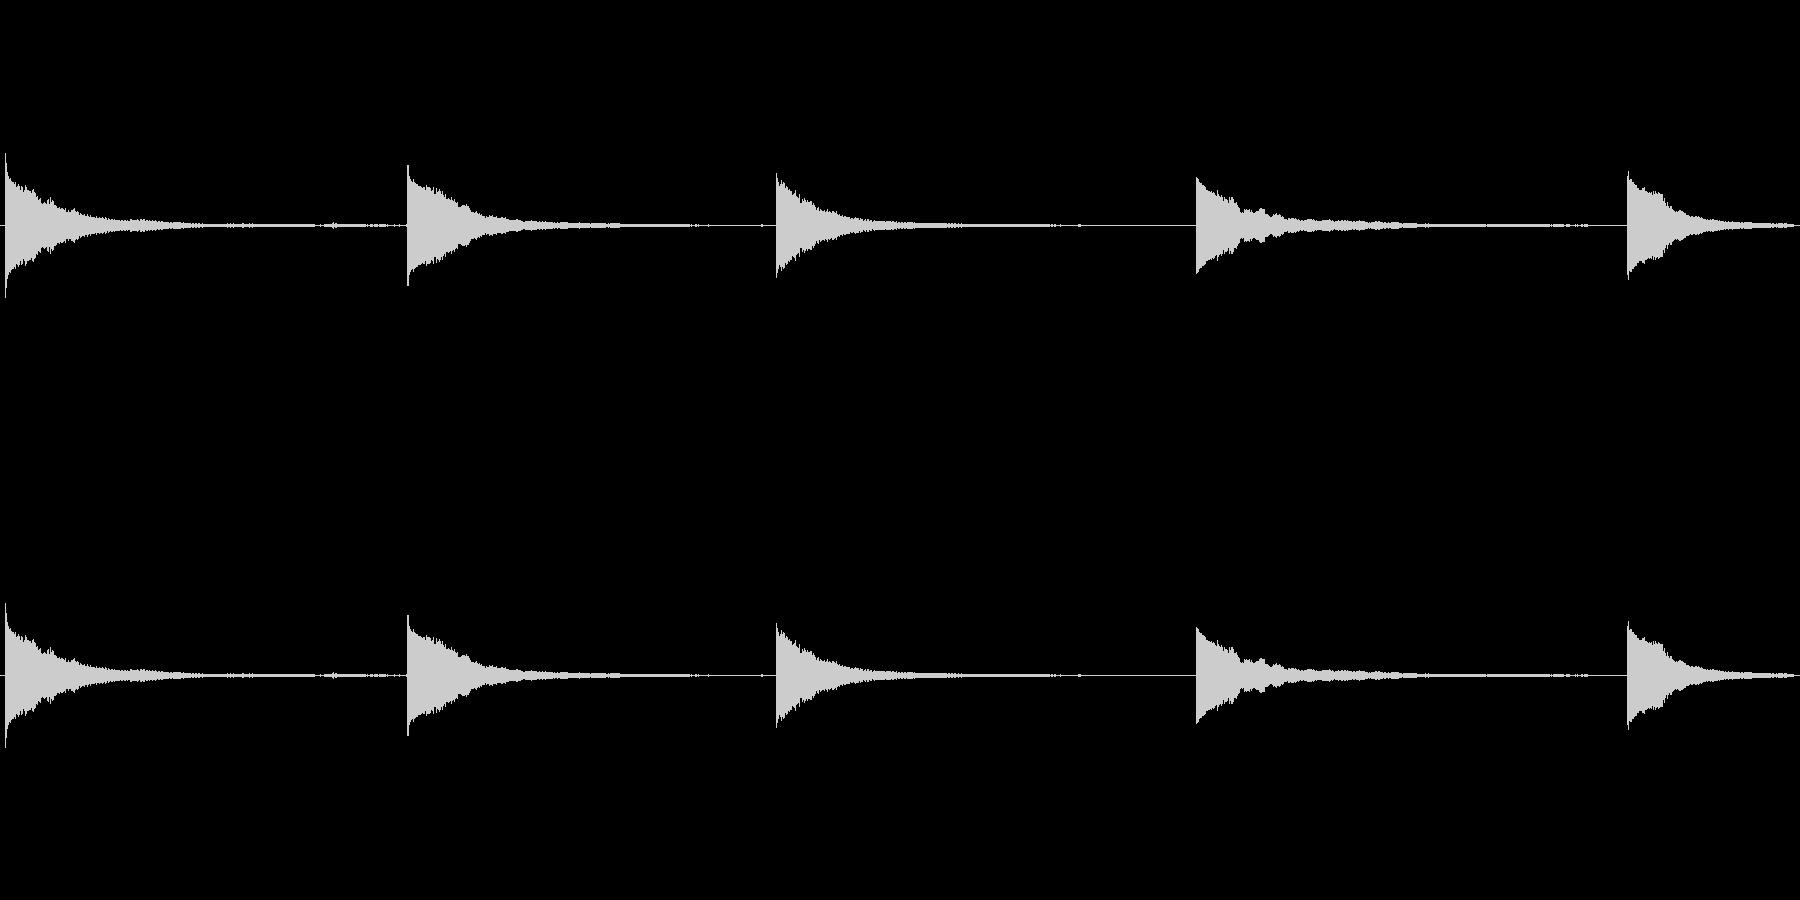 ロープ式ベルリングベルの未再生の波形